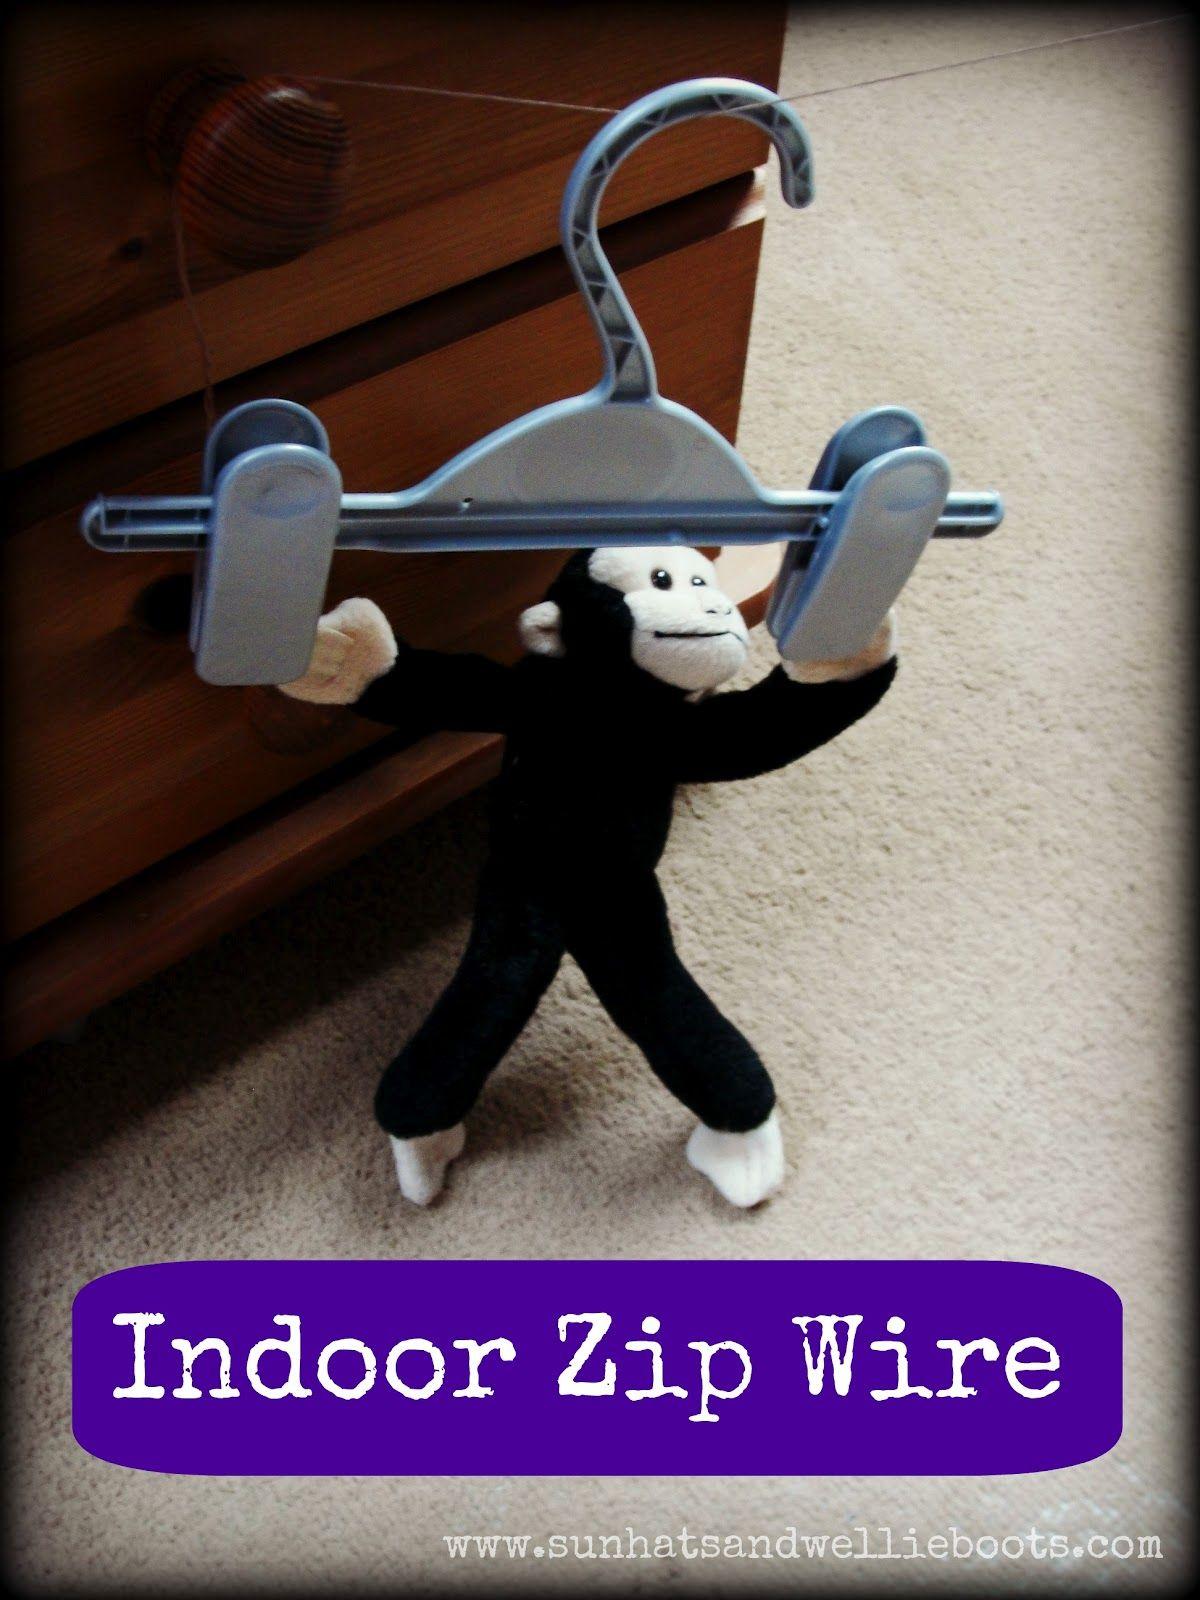 Indoor Zip Wire | kids' crafts | Business for kids, Outdoor activities for kids ...